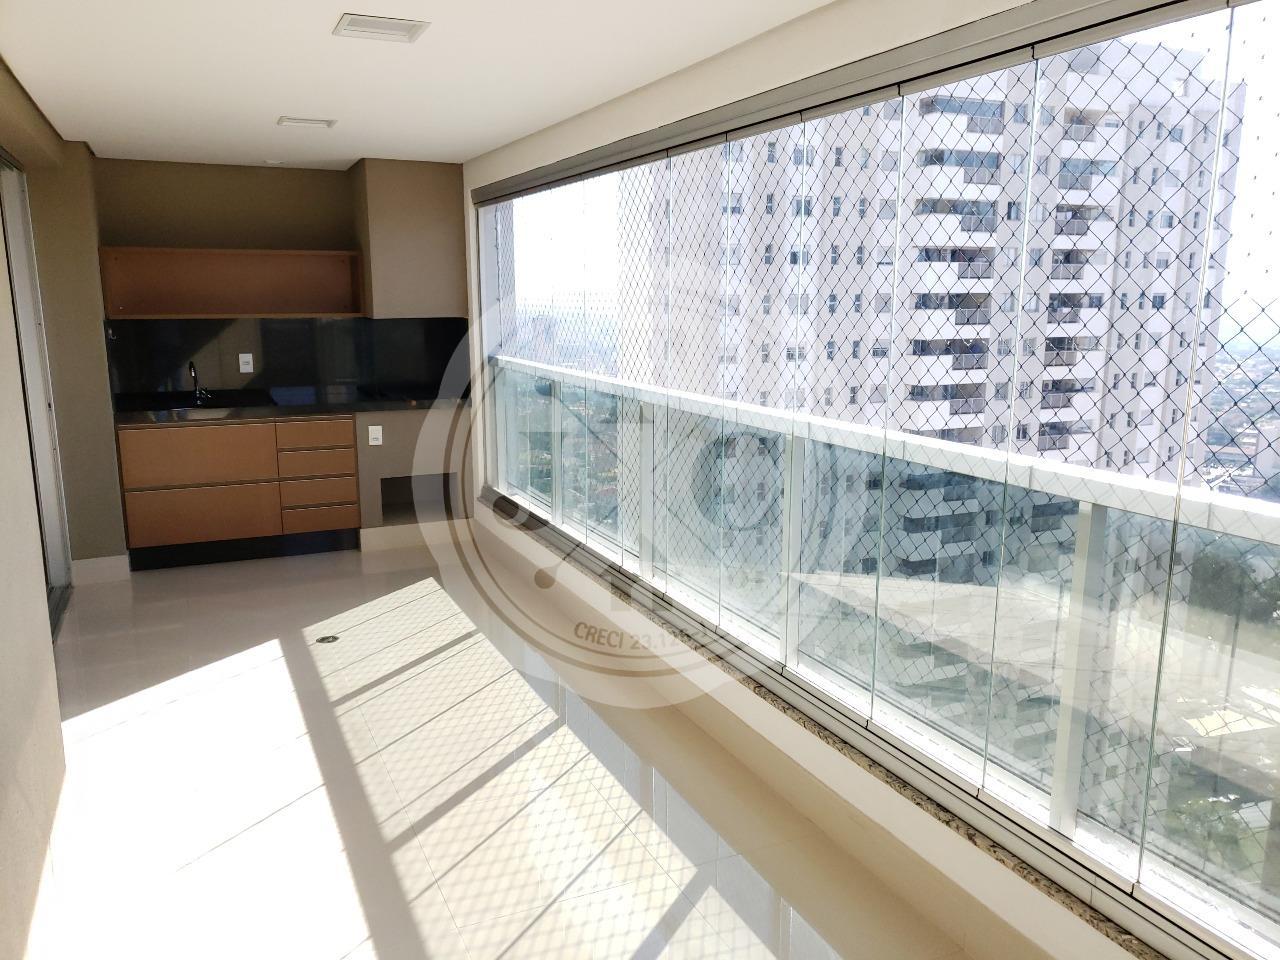 Exclusivo apartamento à venda no Edifício Promenade com 155 m² de área privativa.